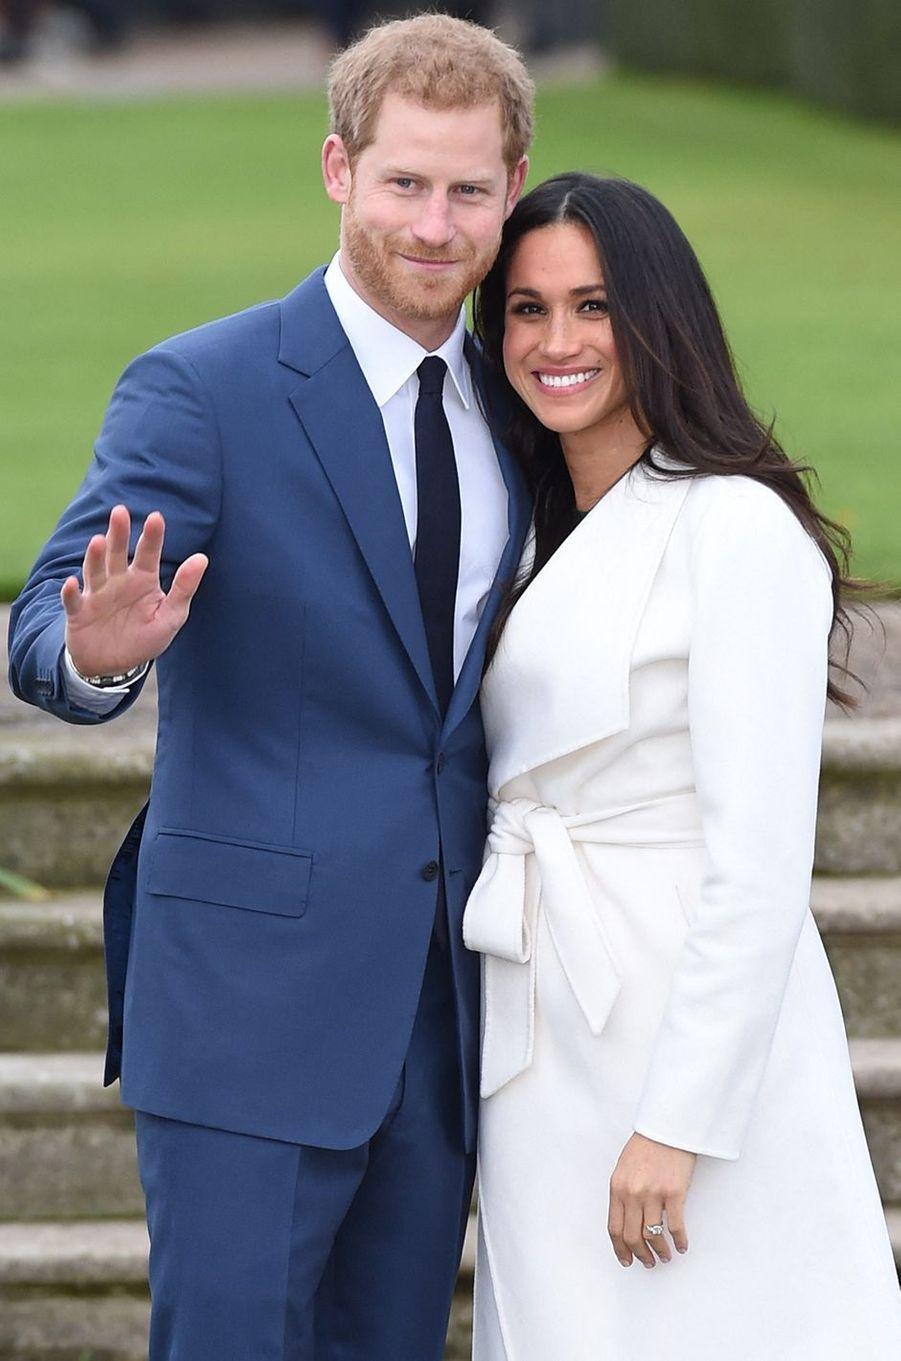 Harry et Meghan lors de l'annonce de leurs fiançailles dans les jardins de Kensington le 27 novembre 2017